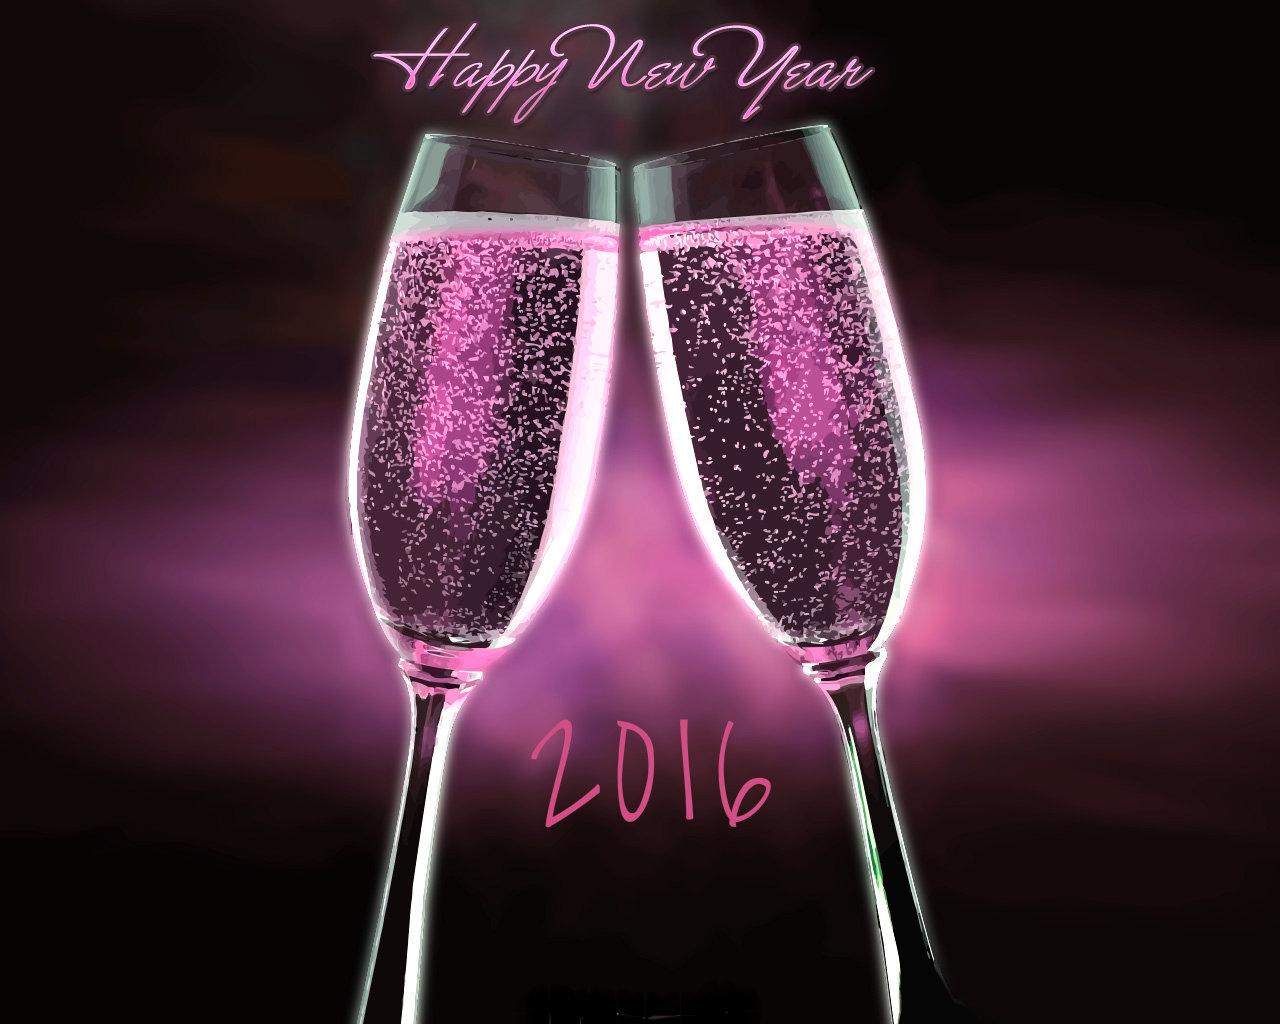 slike čestitke za novu godinu 1280x1024 Pozadine za desktop: Happy New Year 2016, čestitka za  slike čestitke za novu godinu